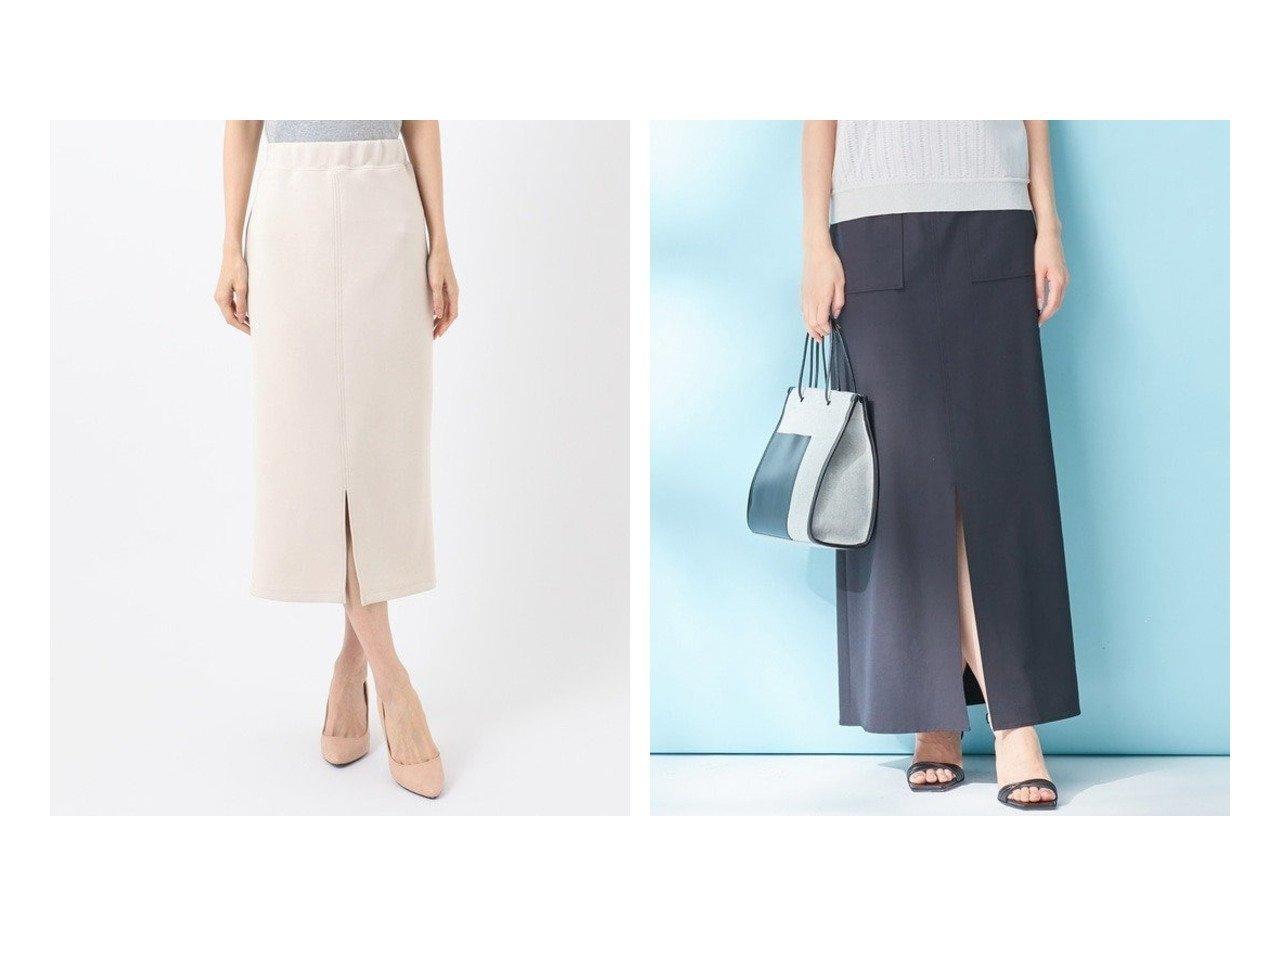 【iCB/アイシービー】の【吸水速乾】Refined Ox スカート&【any SiS/エニィ スィス】の【洗える】ダンボールニット スカート スカートのおすすめ!人気、トレンド・レディースファッションの通販  おすすめで人気の流行・トレンド、ファッションの通販商品 メンズファッション・キッズファッション・インテリア・家具・レディースファッション・服の通販 founy(ファニー) https://founy.com/ ファッション Fashion レディースファッション WOMEN スカート Skirt 洗える ギャザー ストレッチ スリット 人気 フロント 冬 Winter 送料無料 Free Shipping NEW・新作・新着・新入荷 New Arrivals 吸水 ジャケット セットアップ ポケット マキシ リネン |ID:crp329100000009750